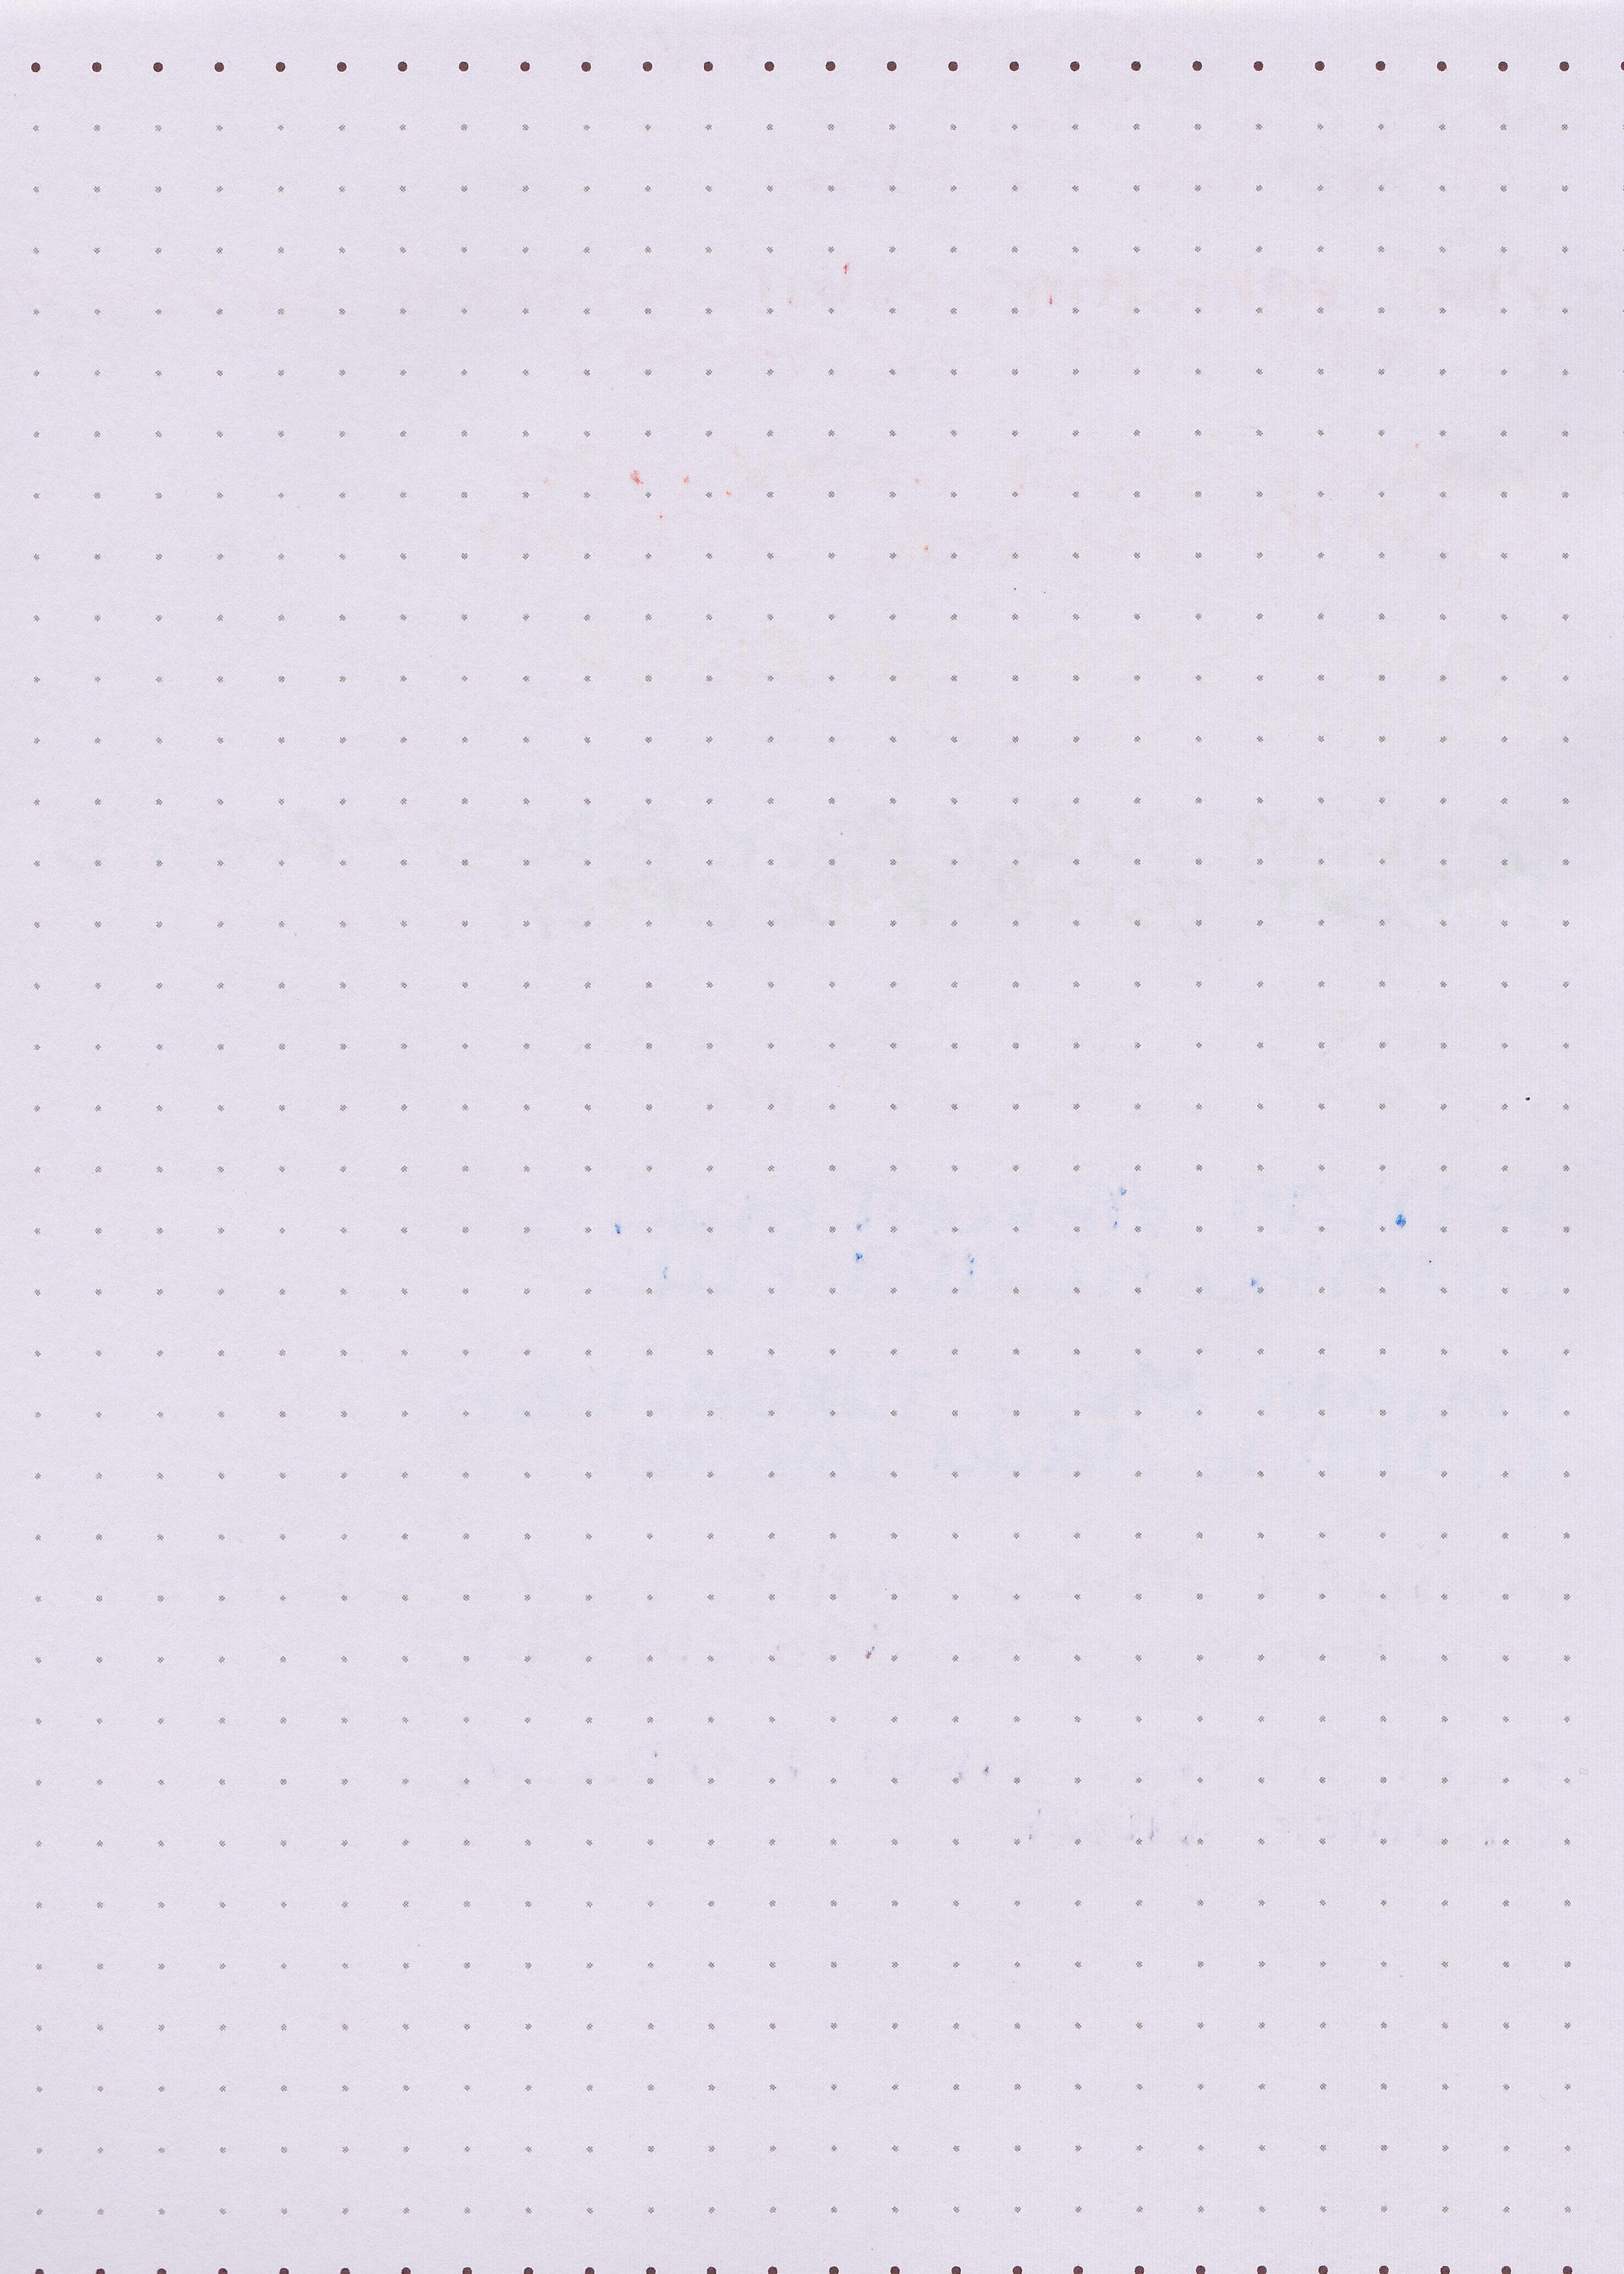 fc-notepad-7.jpg